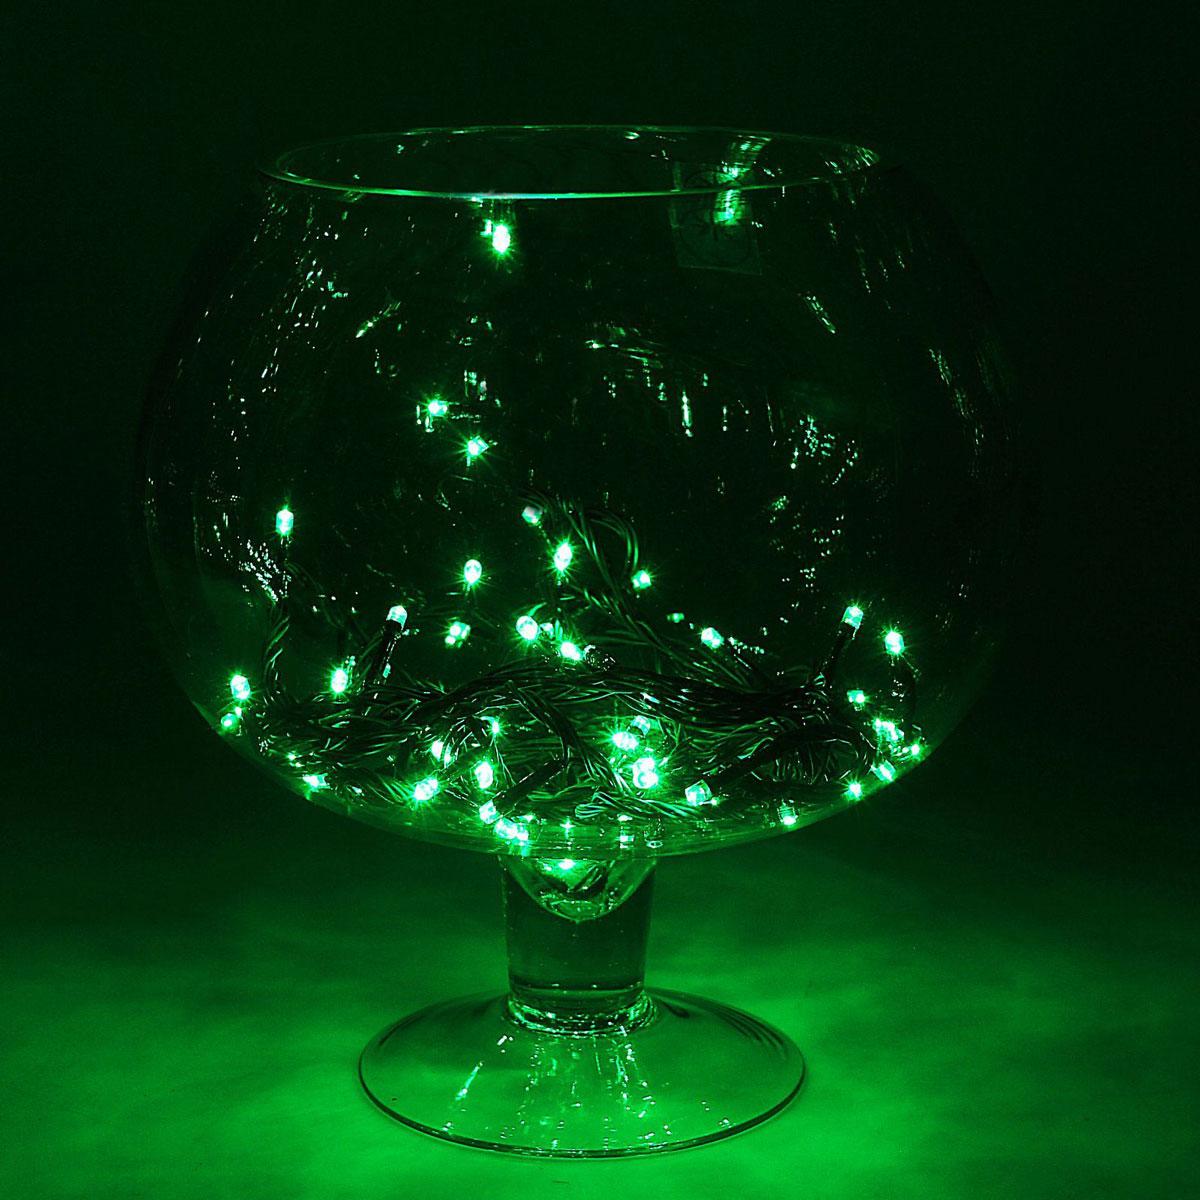 Гирлянда светодиодная Luazon Метраж, цвет: зеленый, 180 ламп, 8 режимов, 220 V, длина 15 м. 15857791585779Светодиодные гирлянды и ленты — это отличный вариант для новогоднего оформления интерьера или фасада. С их помощью помещение любого размера можно превратить в праздничный зал, а внешние элементы зданий, украшенные ими, мгновенно станут напоминать очертания сказочного дворца. Такие украшения создают ауру предвкушения чуда. Деревья, фасады, витрины, окна и арки будто специально созданы, чтобы вы украсили их светящимися нитями.